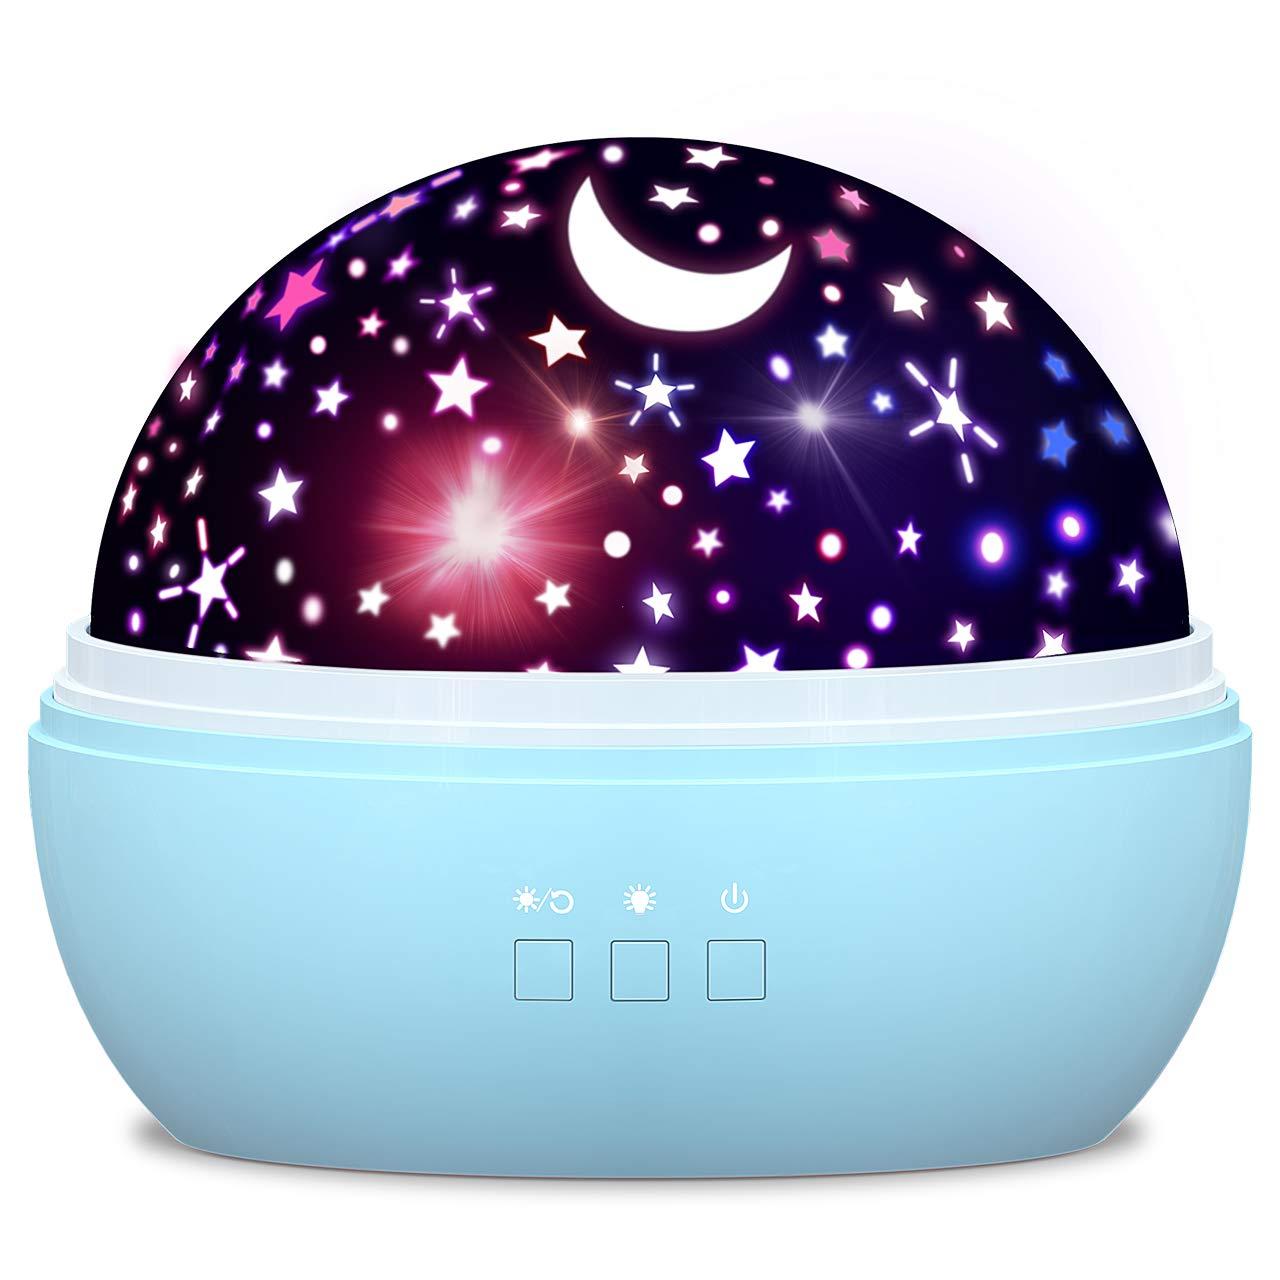 Dreamingbox Sternenhimmel Projektor Nachtlicht für Kinder - Bestes Gechenk